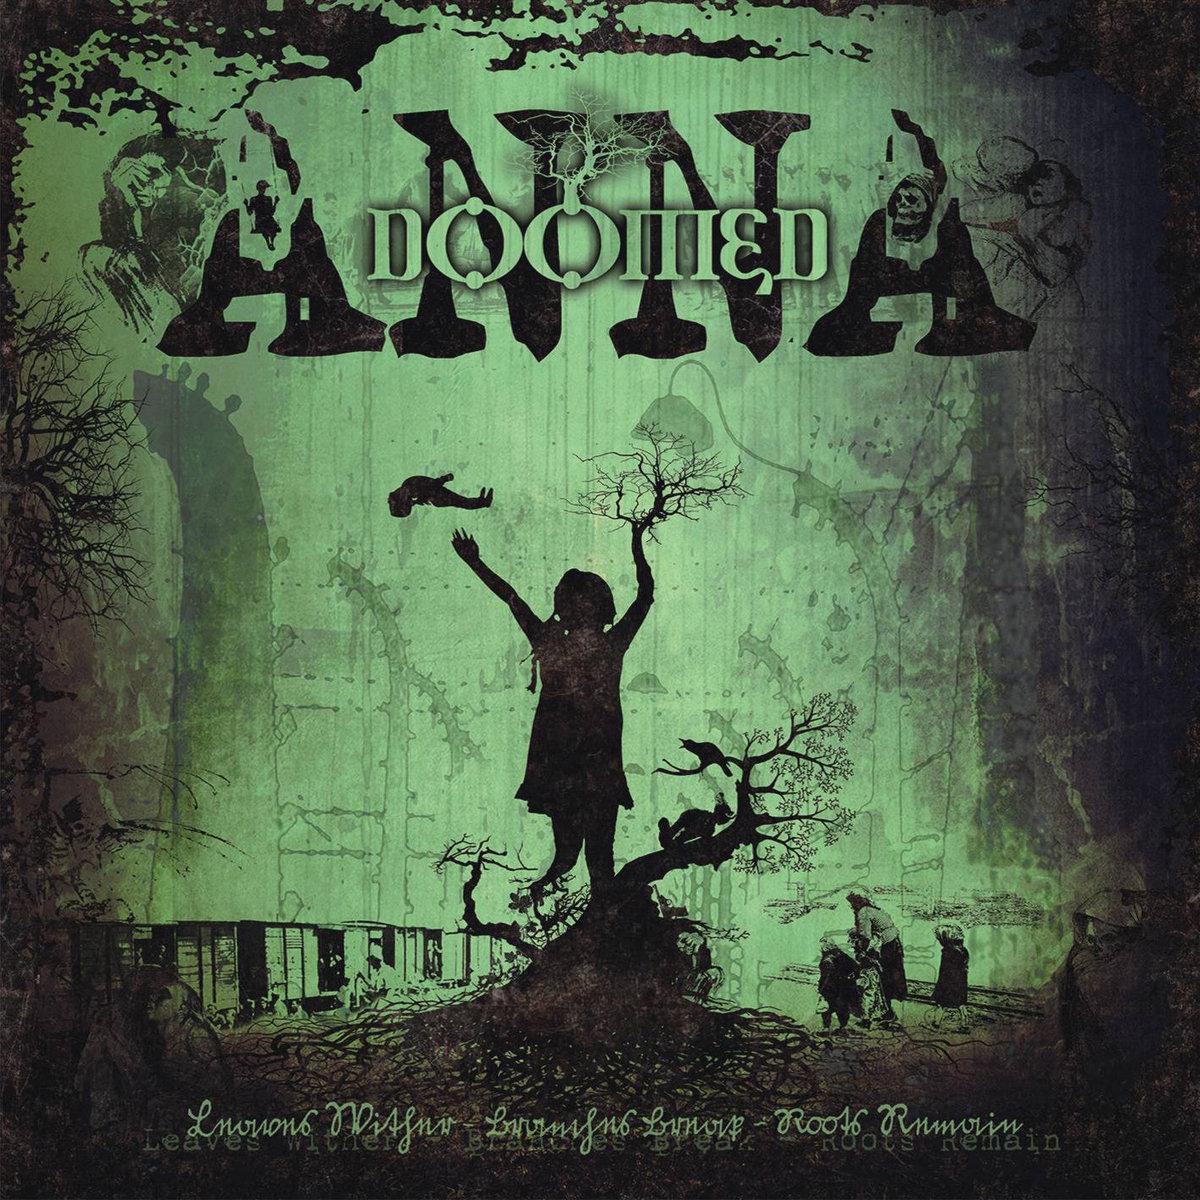 DOOMED - Anna CD   Possession